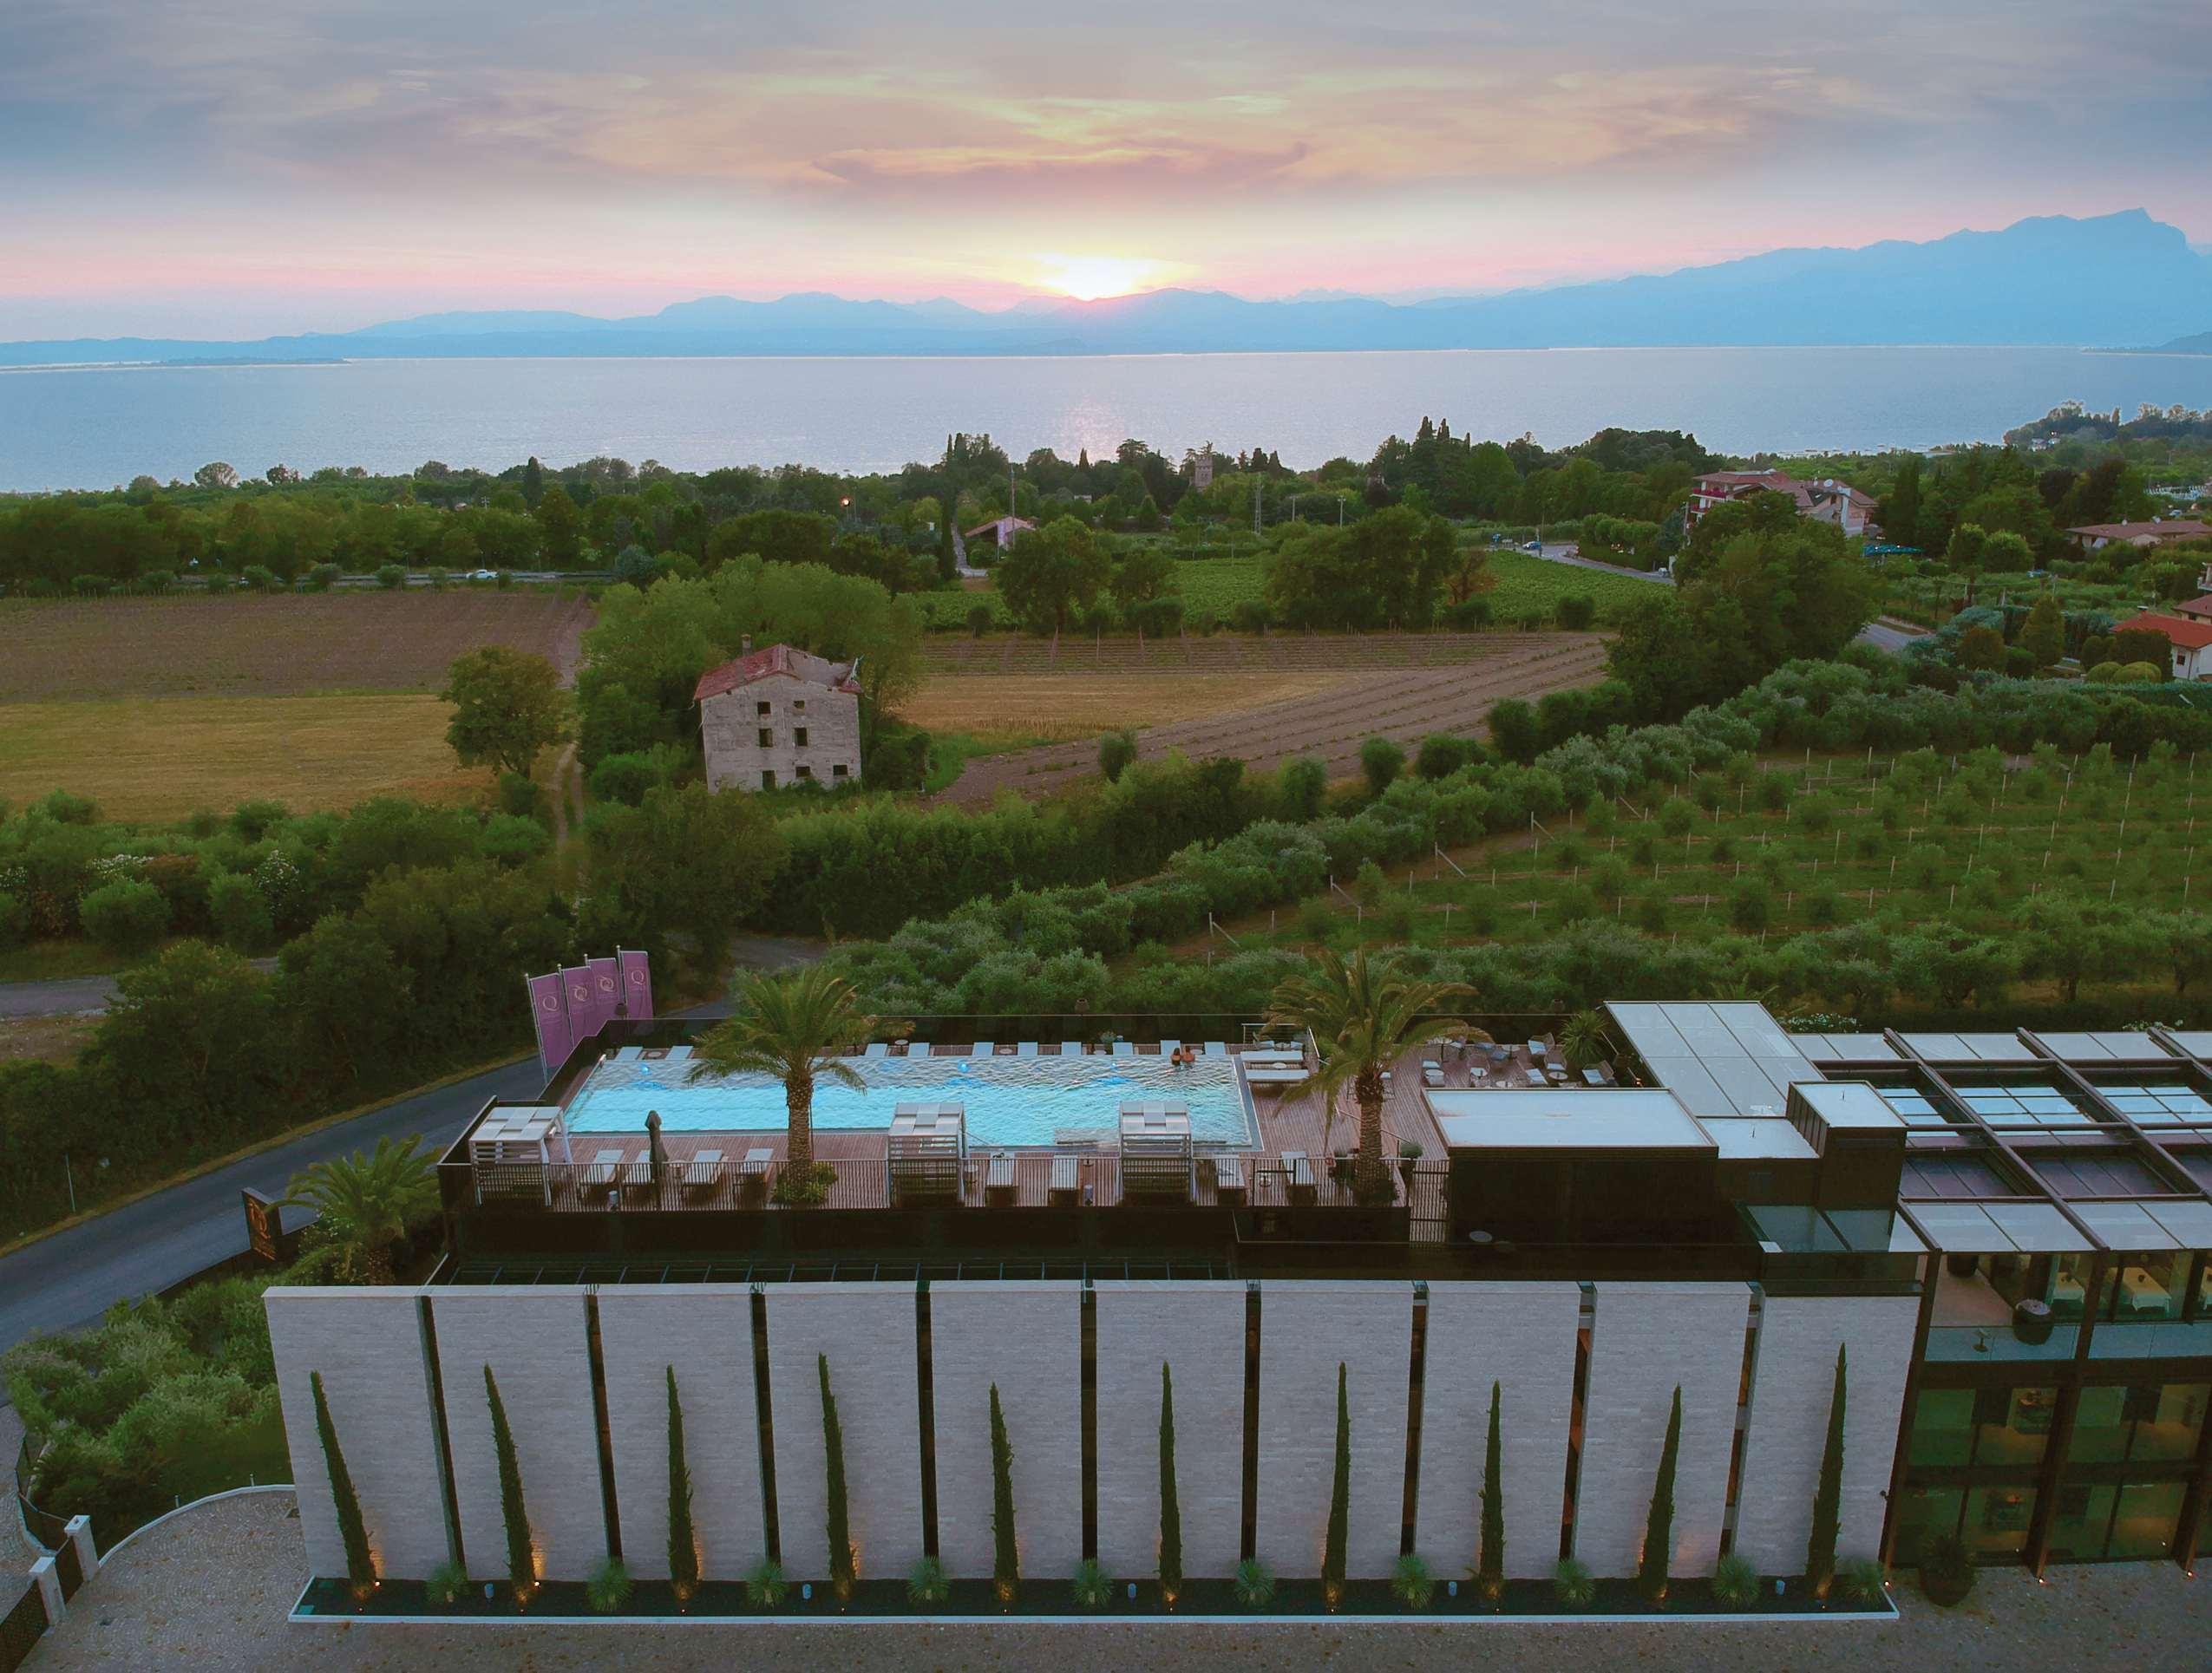 Der Rooftoppool und das Hotel Quellenhof Lazise aus der Vogelperspektive.